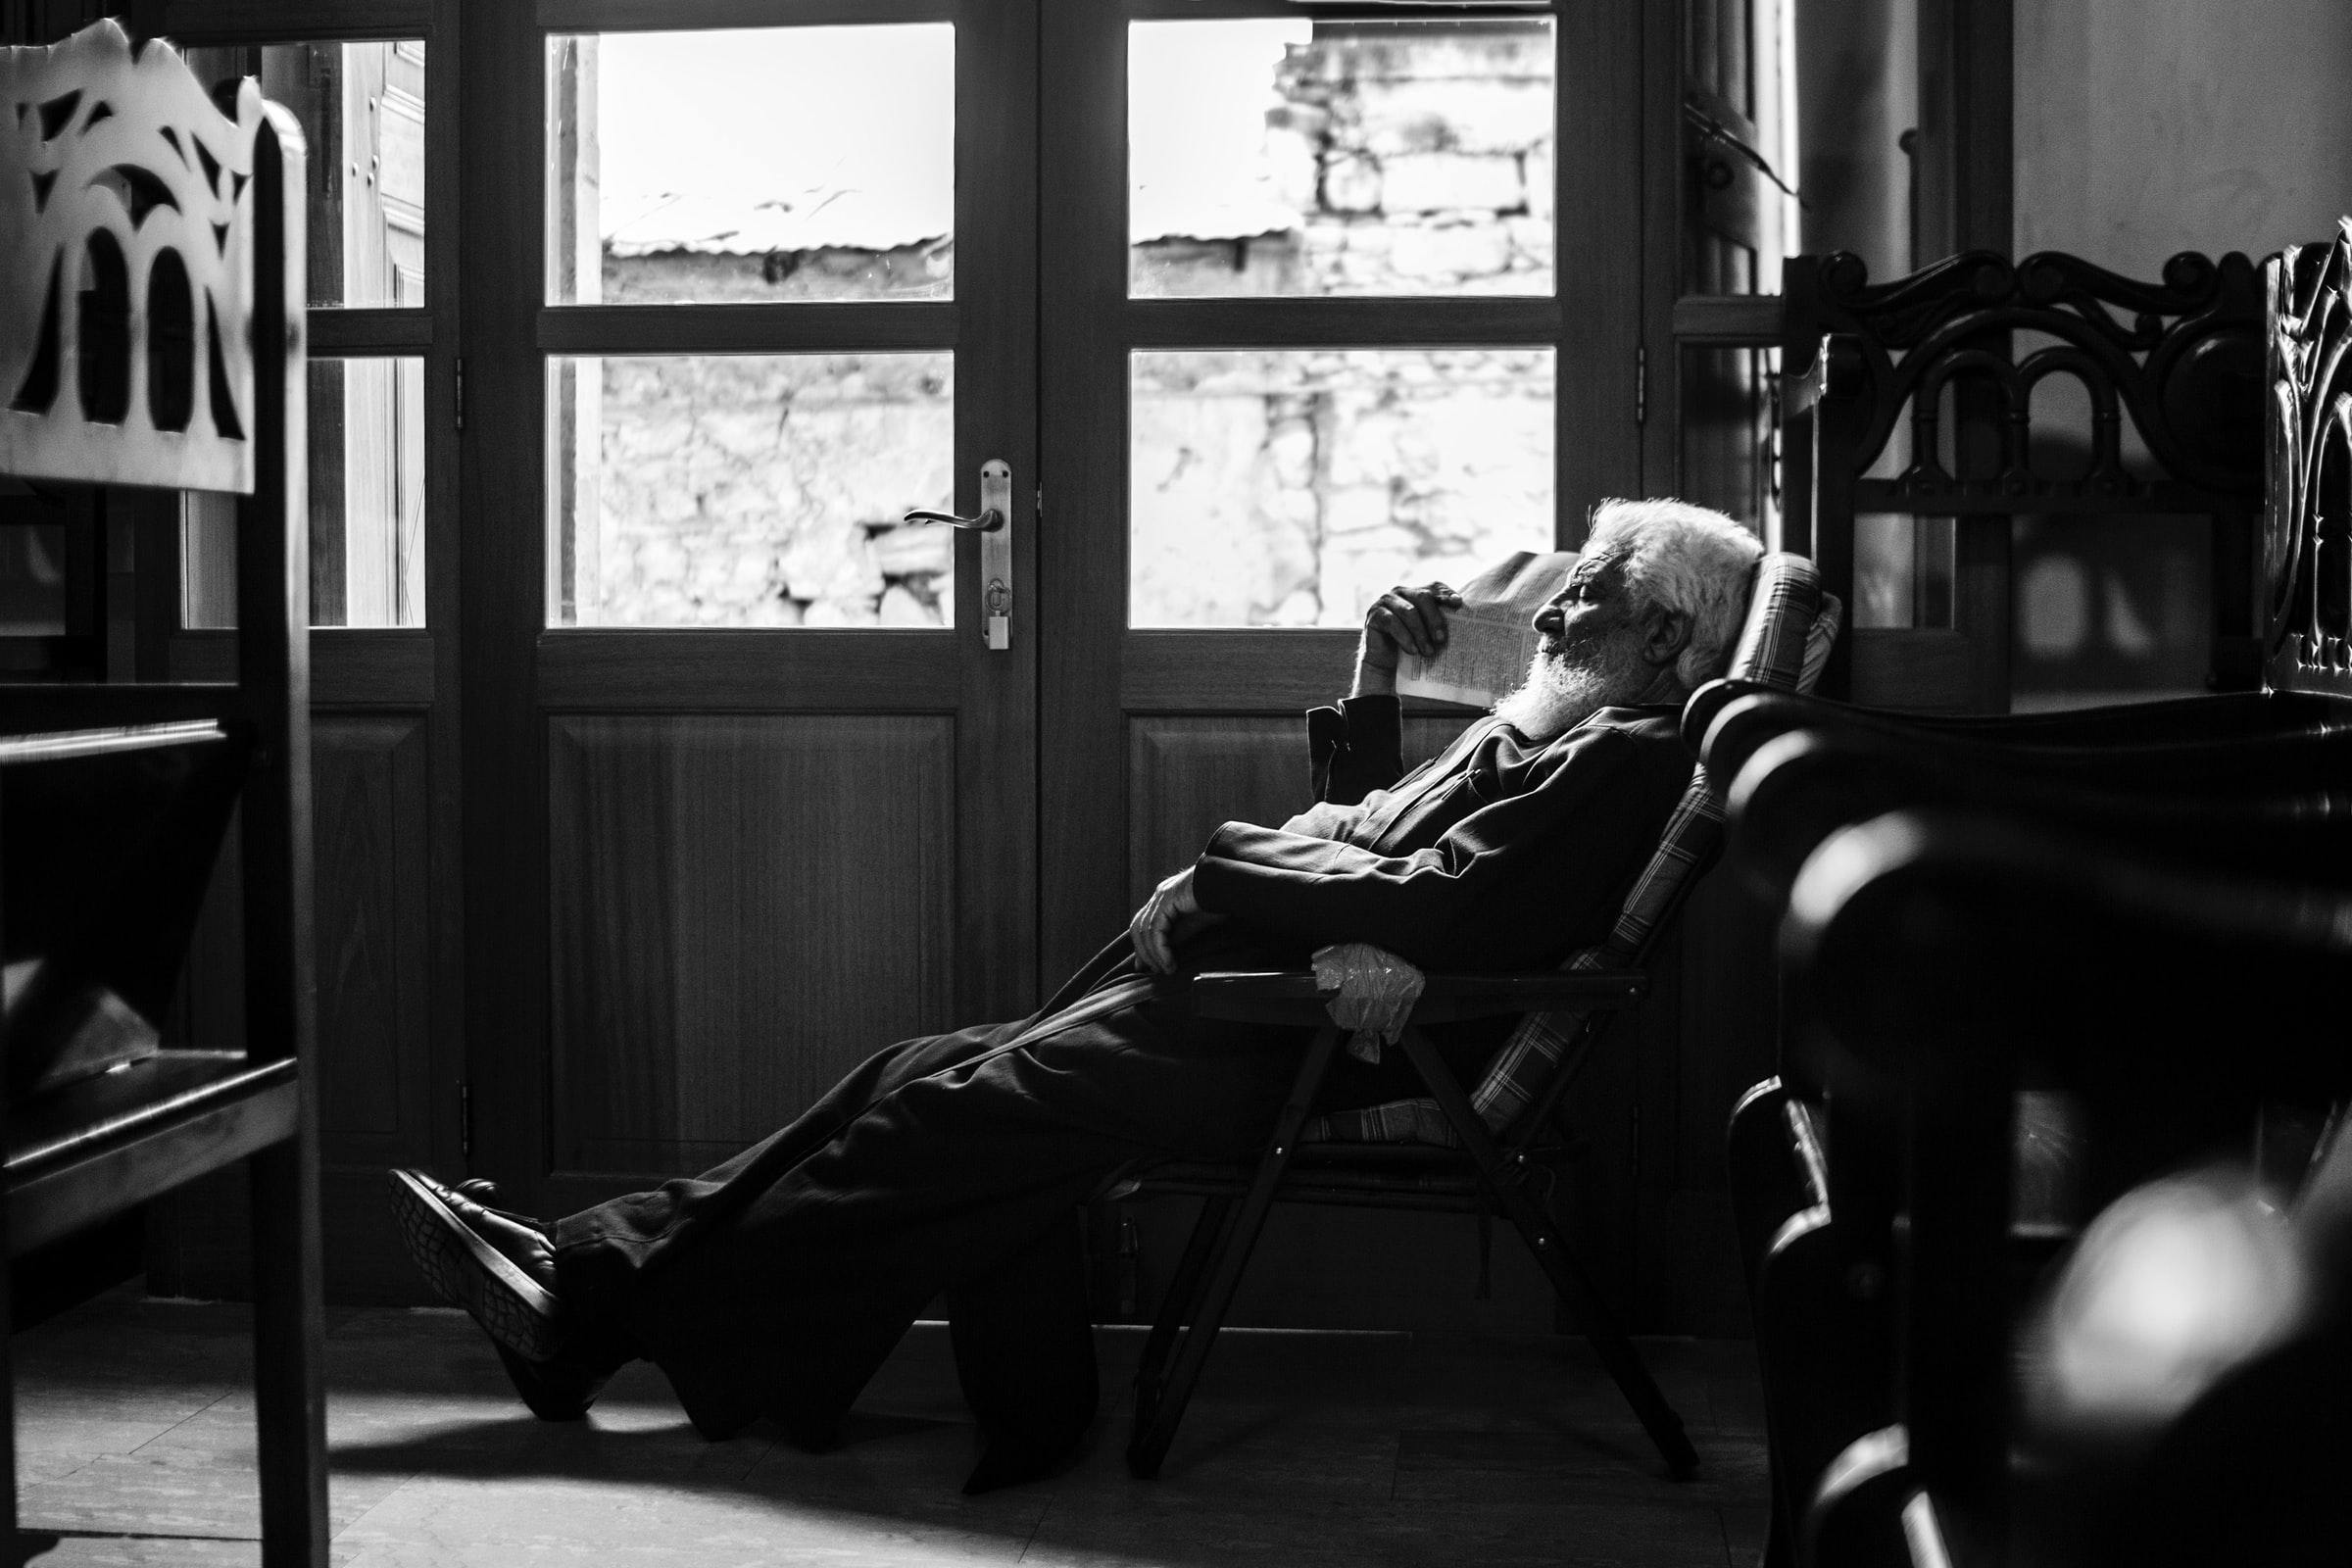 Sėdi senelis kėdėje.